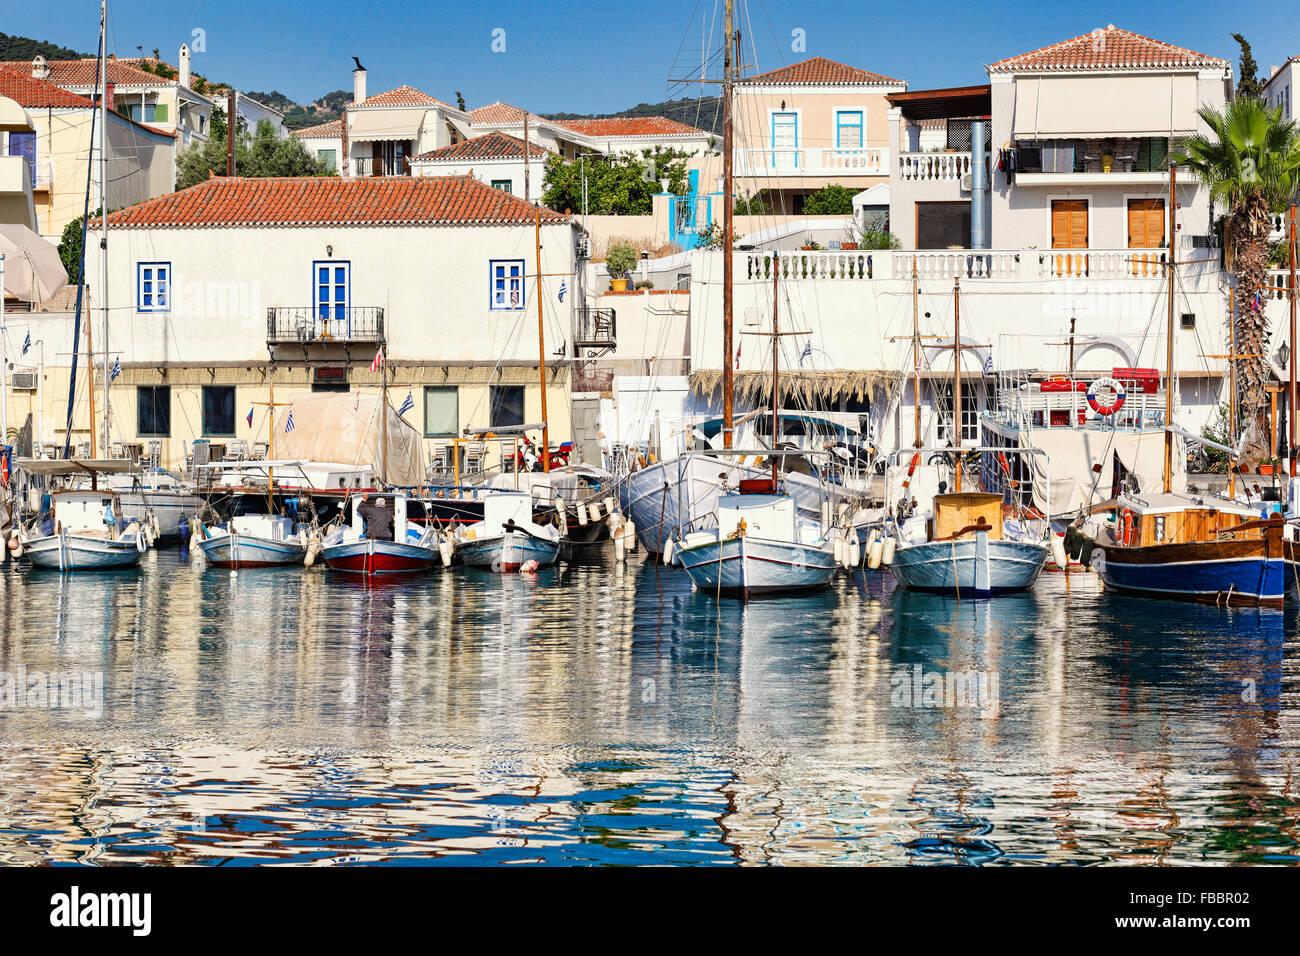 Bateaux dans le vieux port de l'île de Spetses, Grèce Photo Stock